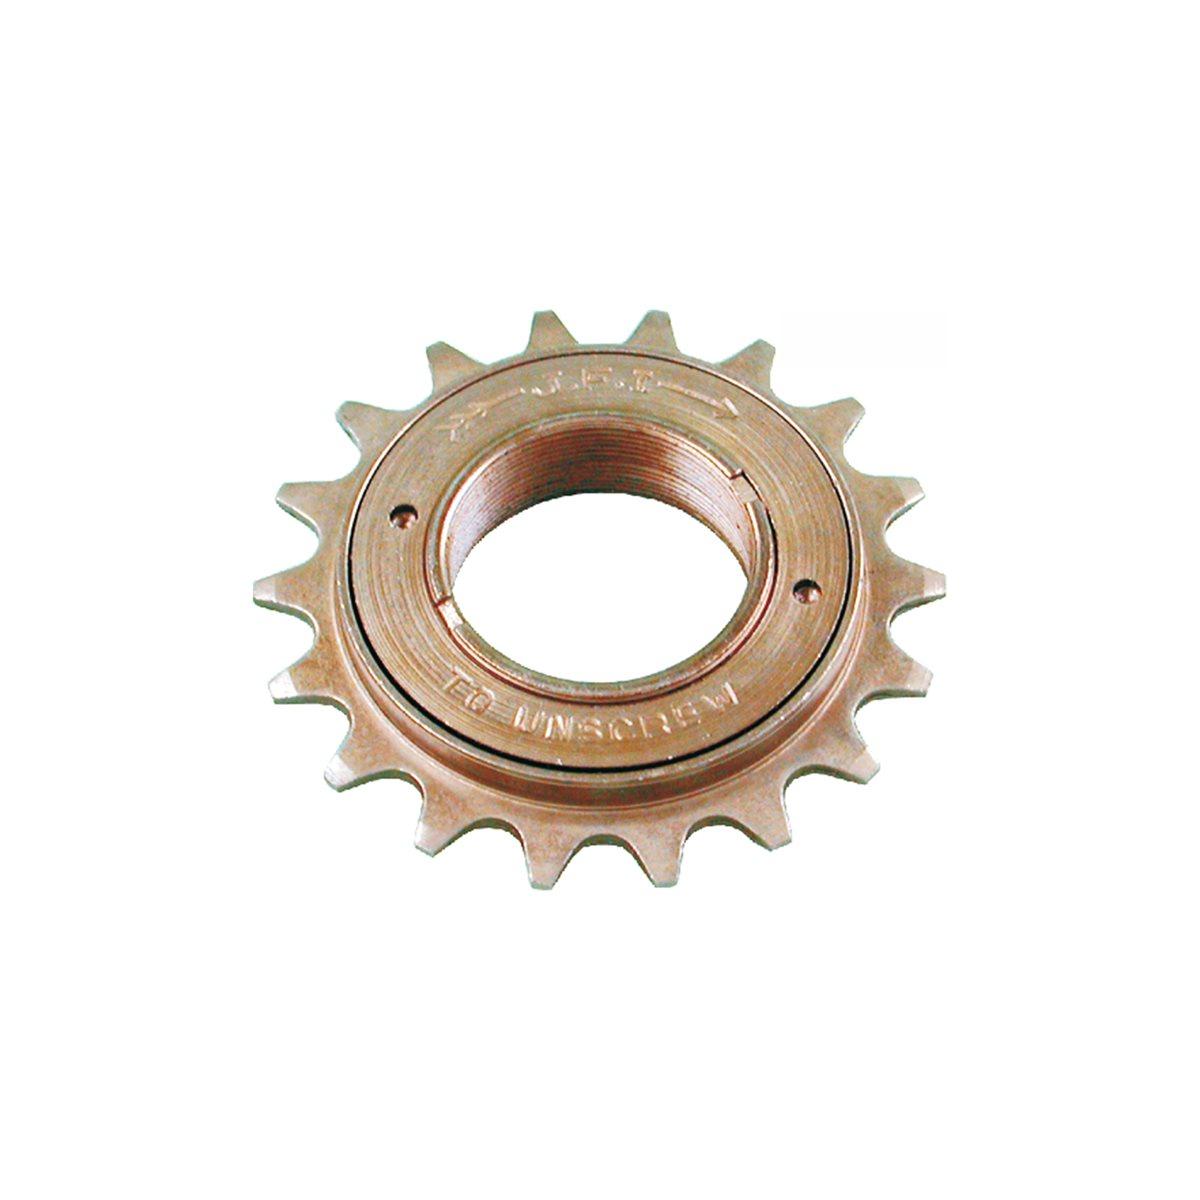 Freewheel z22 1/2 x 1/8